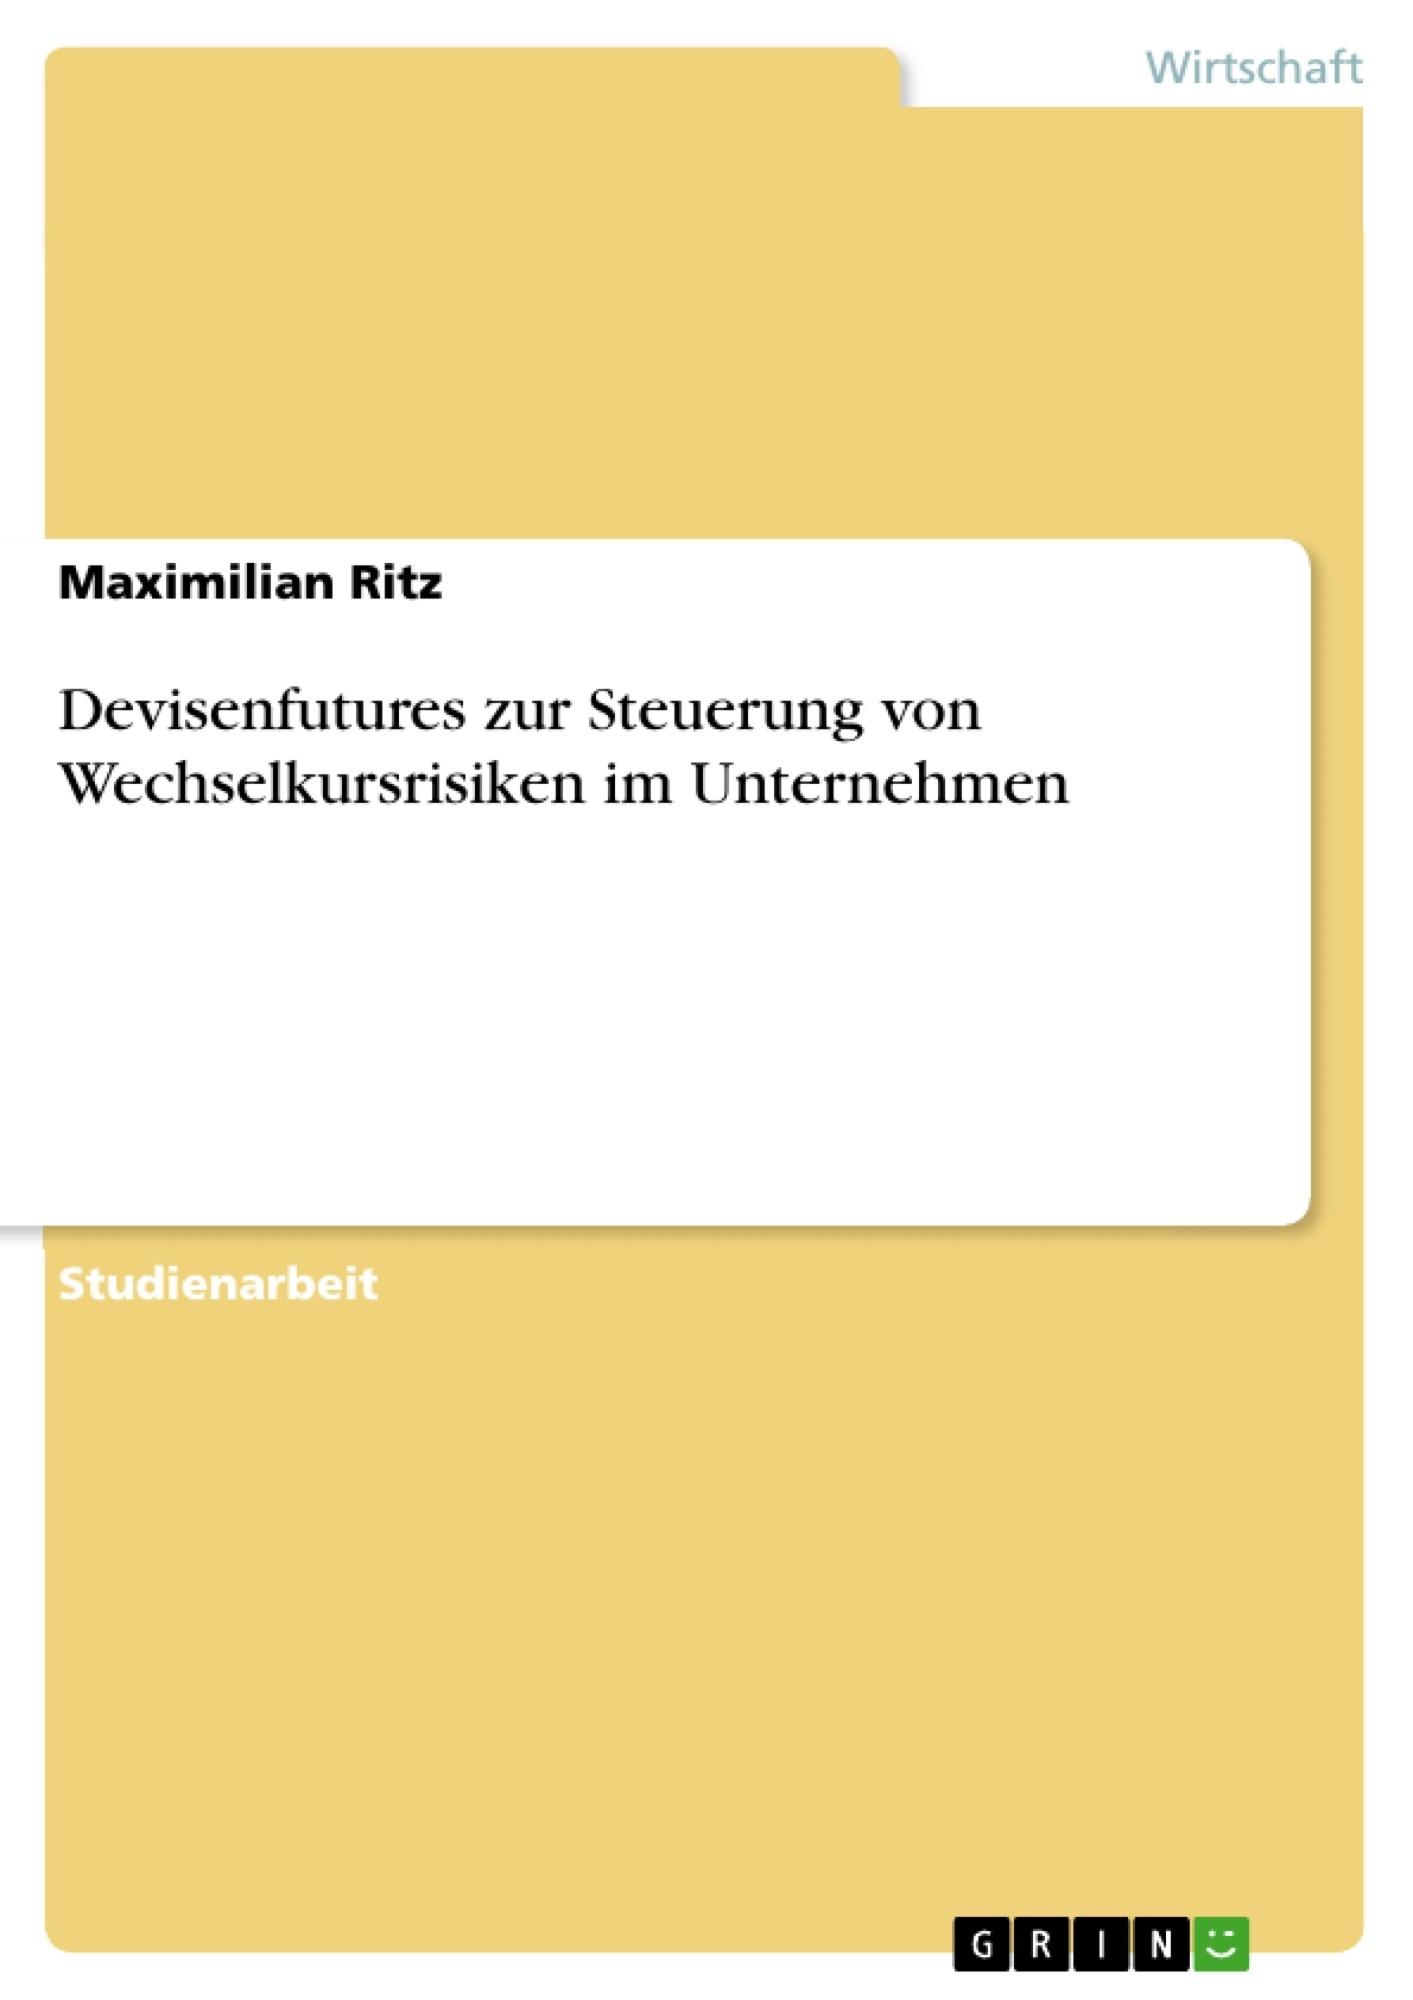 Titel: Devisenfutures zur Steuerung von Wechselkursrisiken im Unternehmen